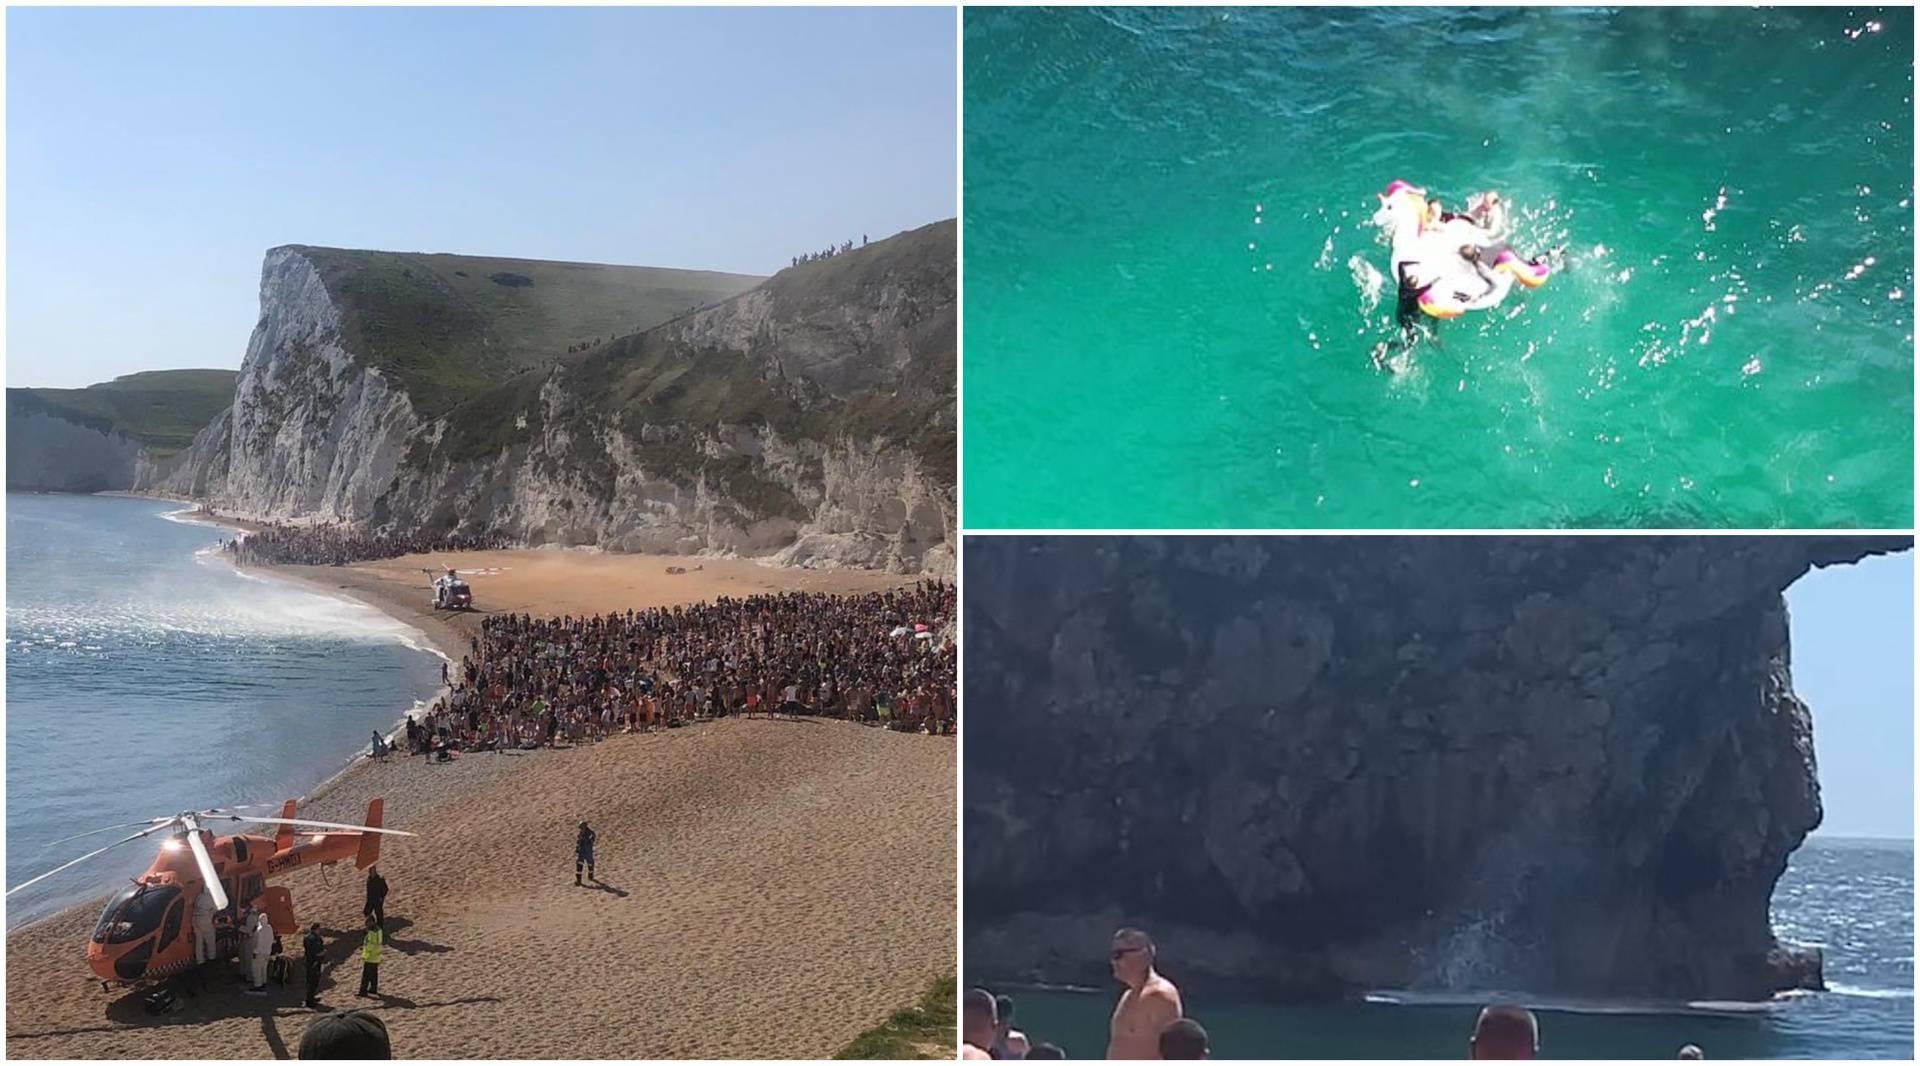 Skočio sa 60 metara visoke stijene: 'Potonuo je na dno mora, iz usta mu je išla pjena'